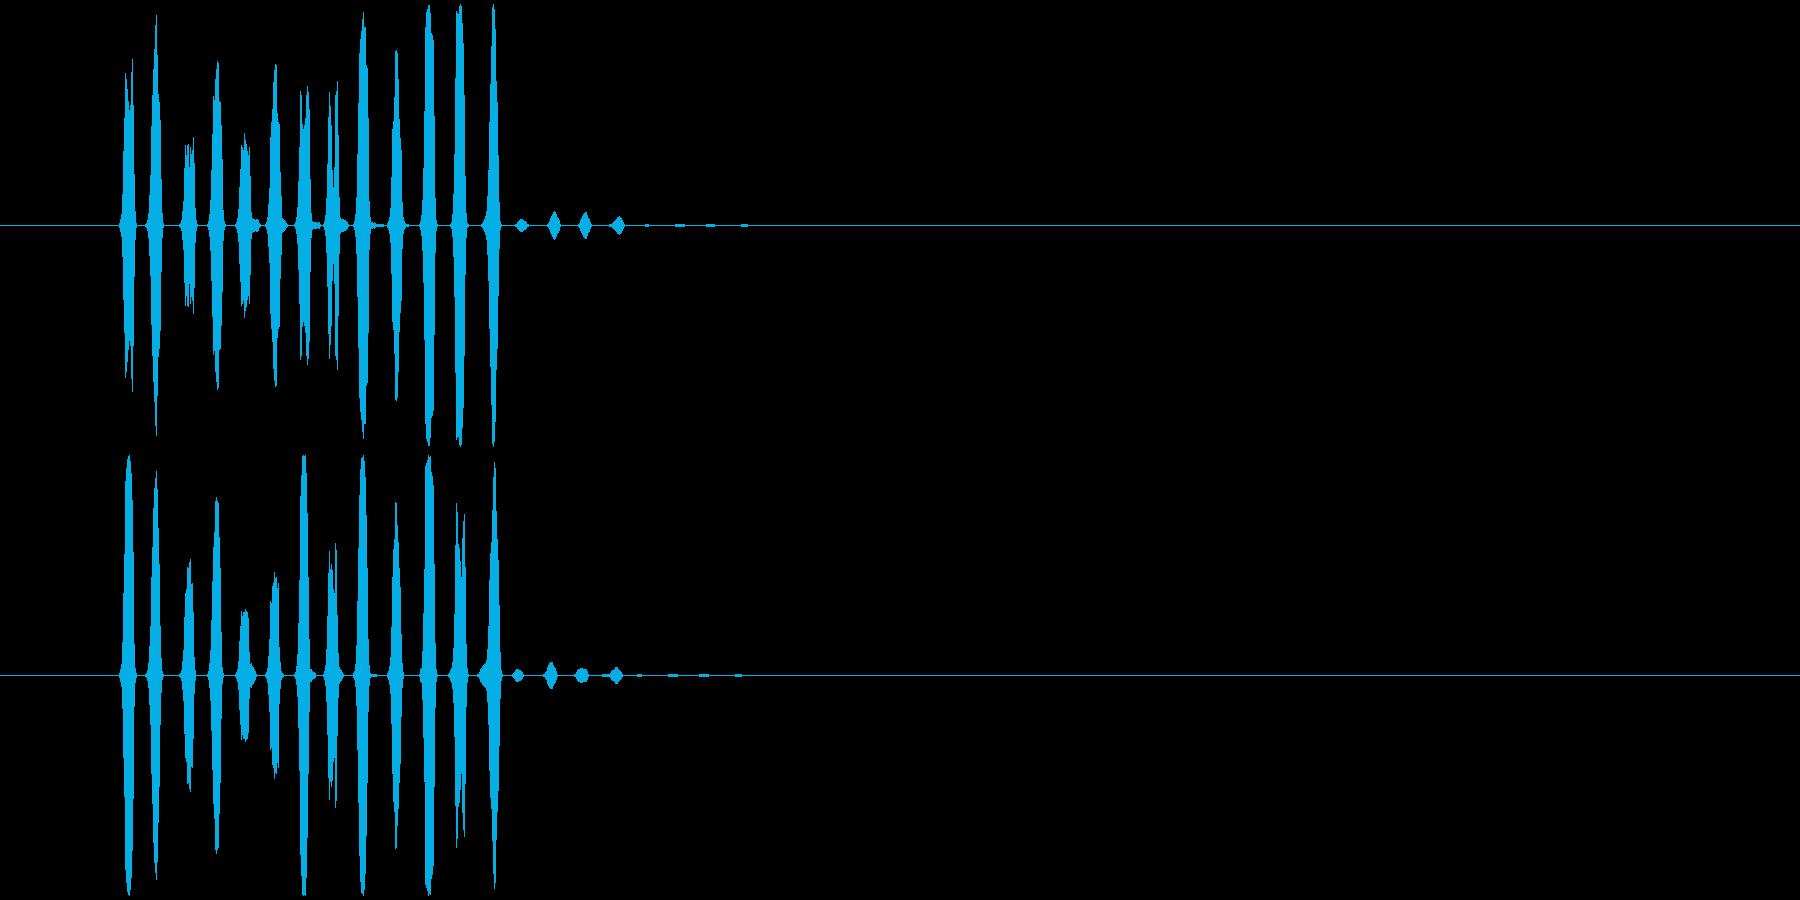 「表示」吹き出し/コミカル_002の再生済みの波形